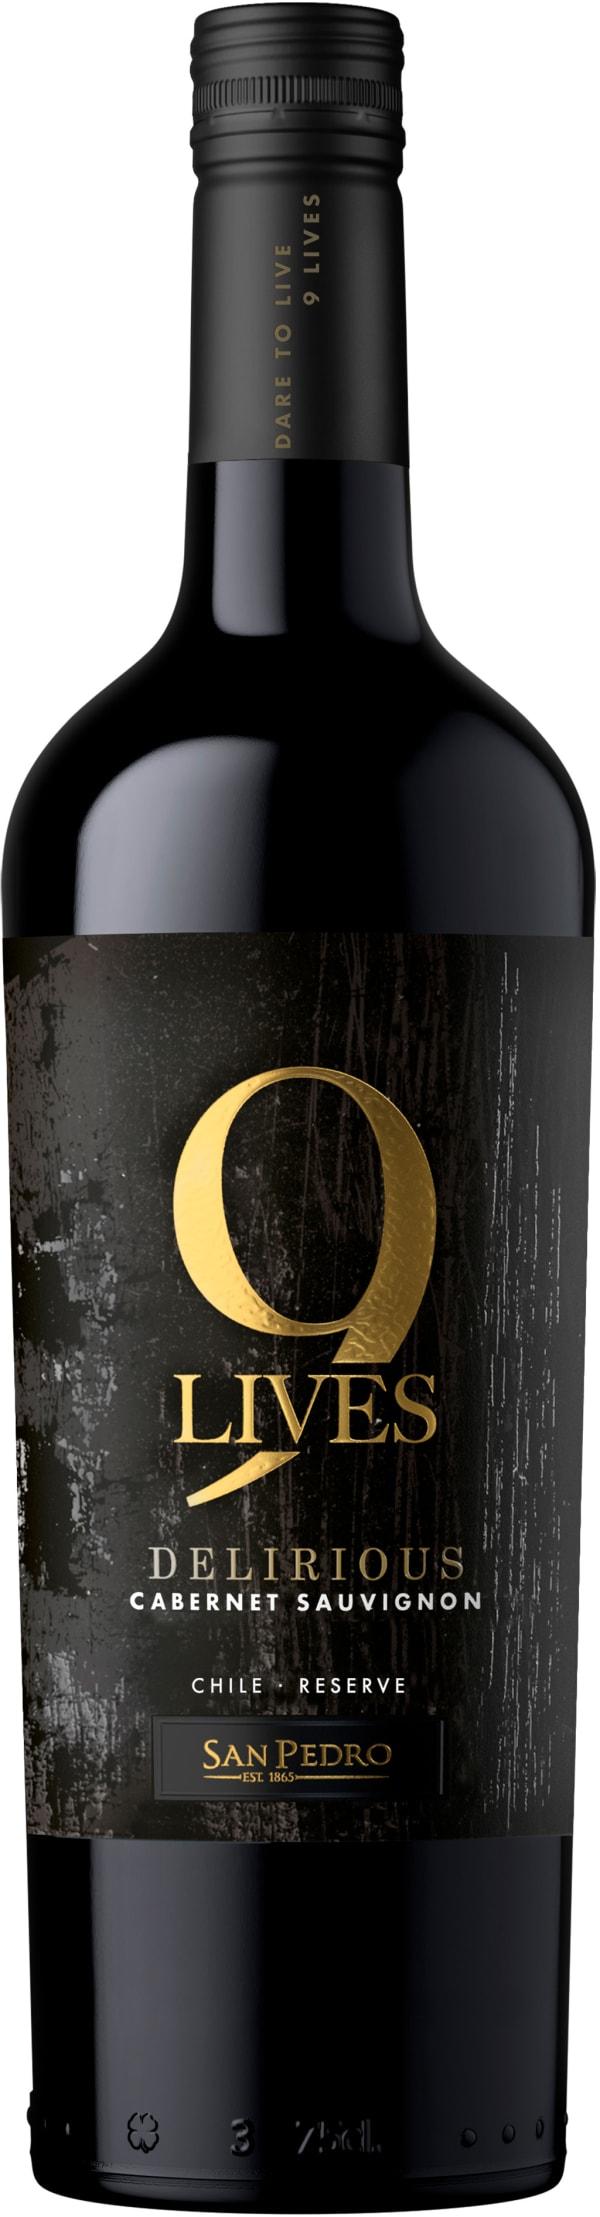 9 Lives Reserve Cabernet Sauvignon 2020